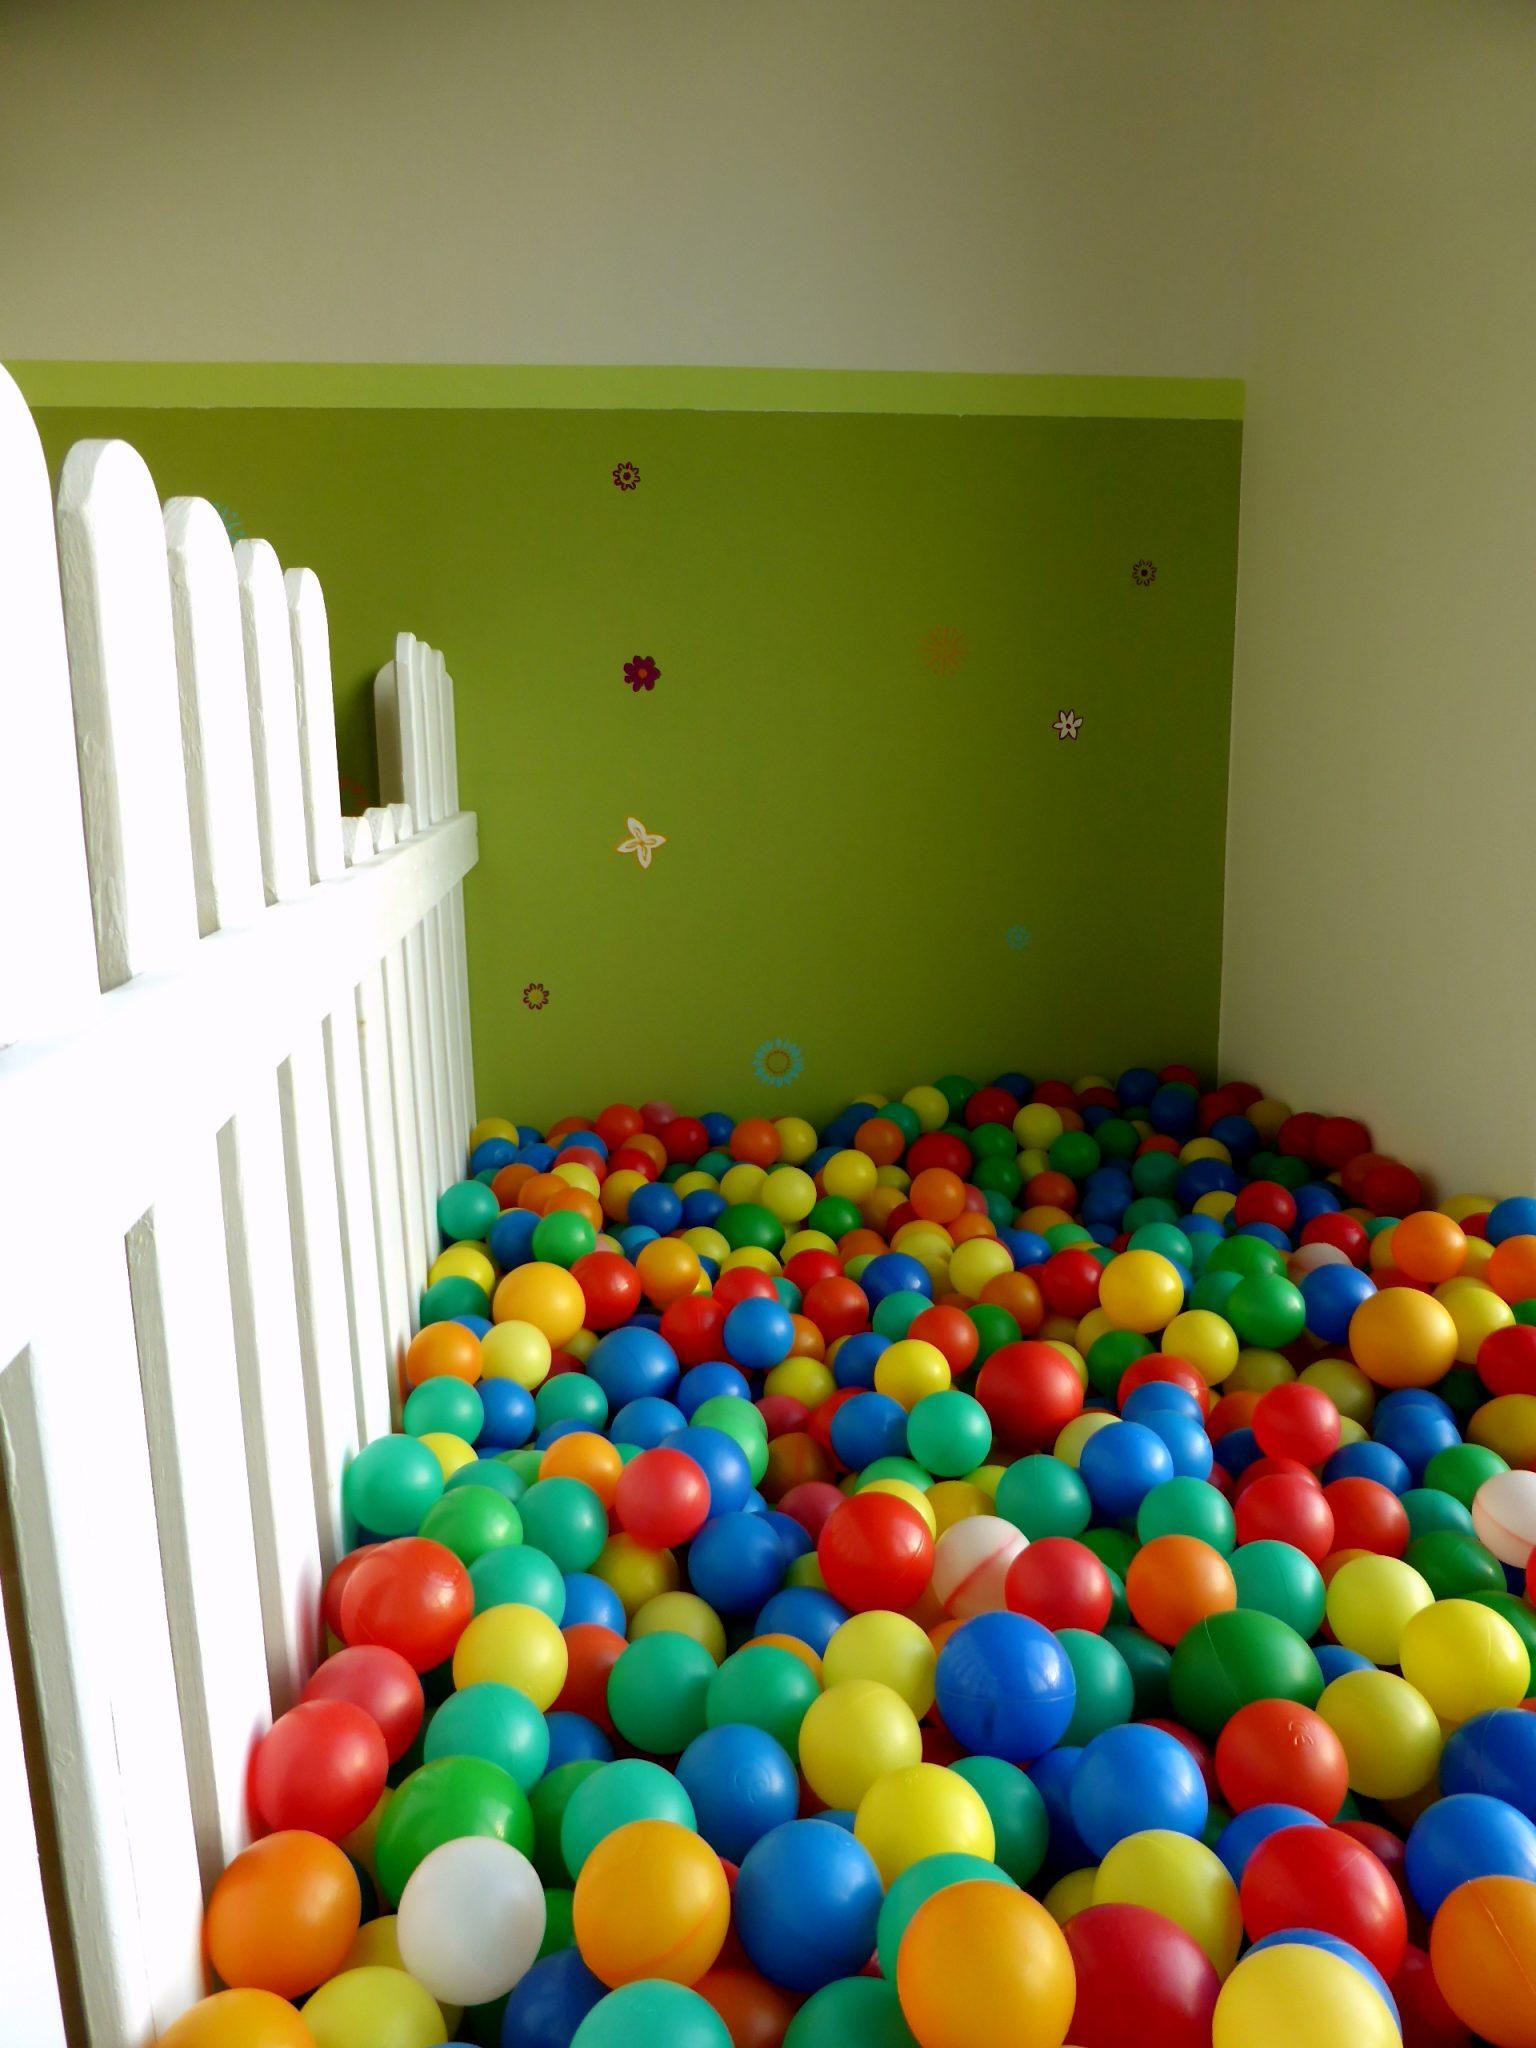 Esszimmer 2 Kita Kid Zone Kinderbetreuung  - Esszimmer und Bällebad